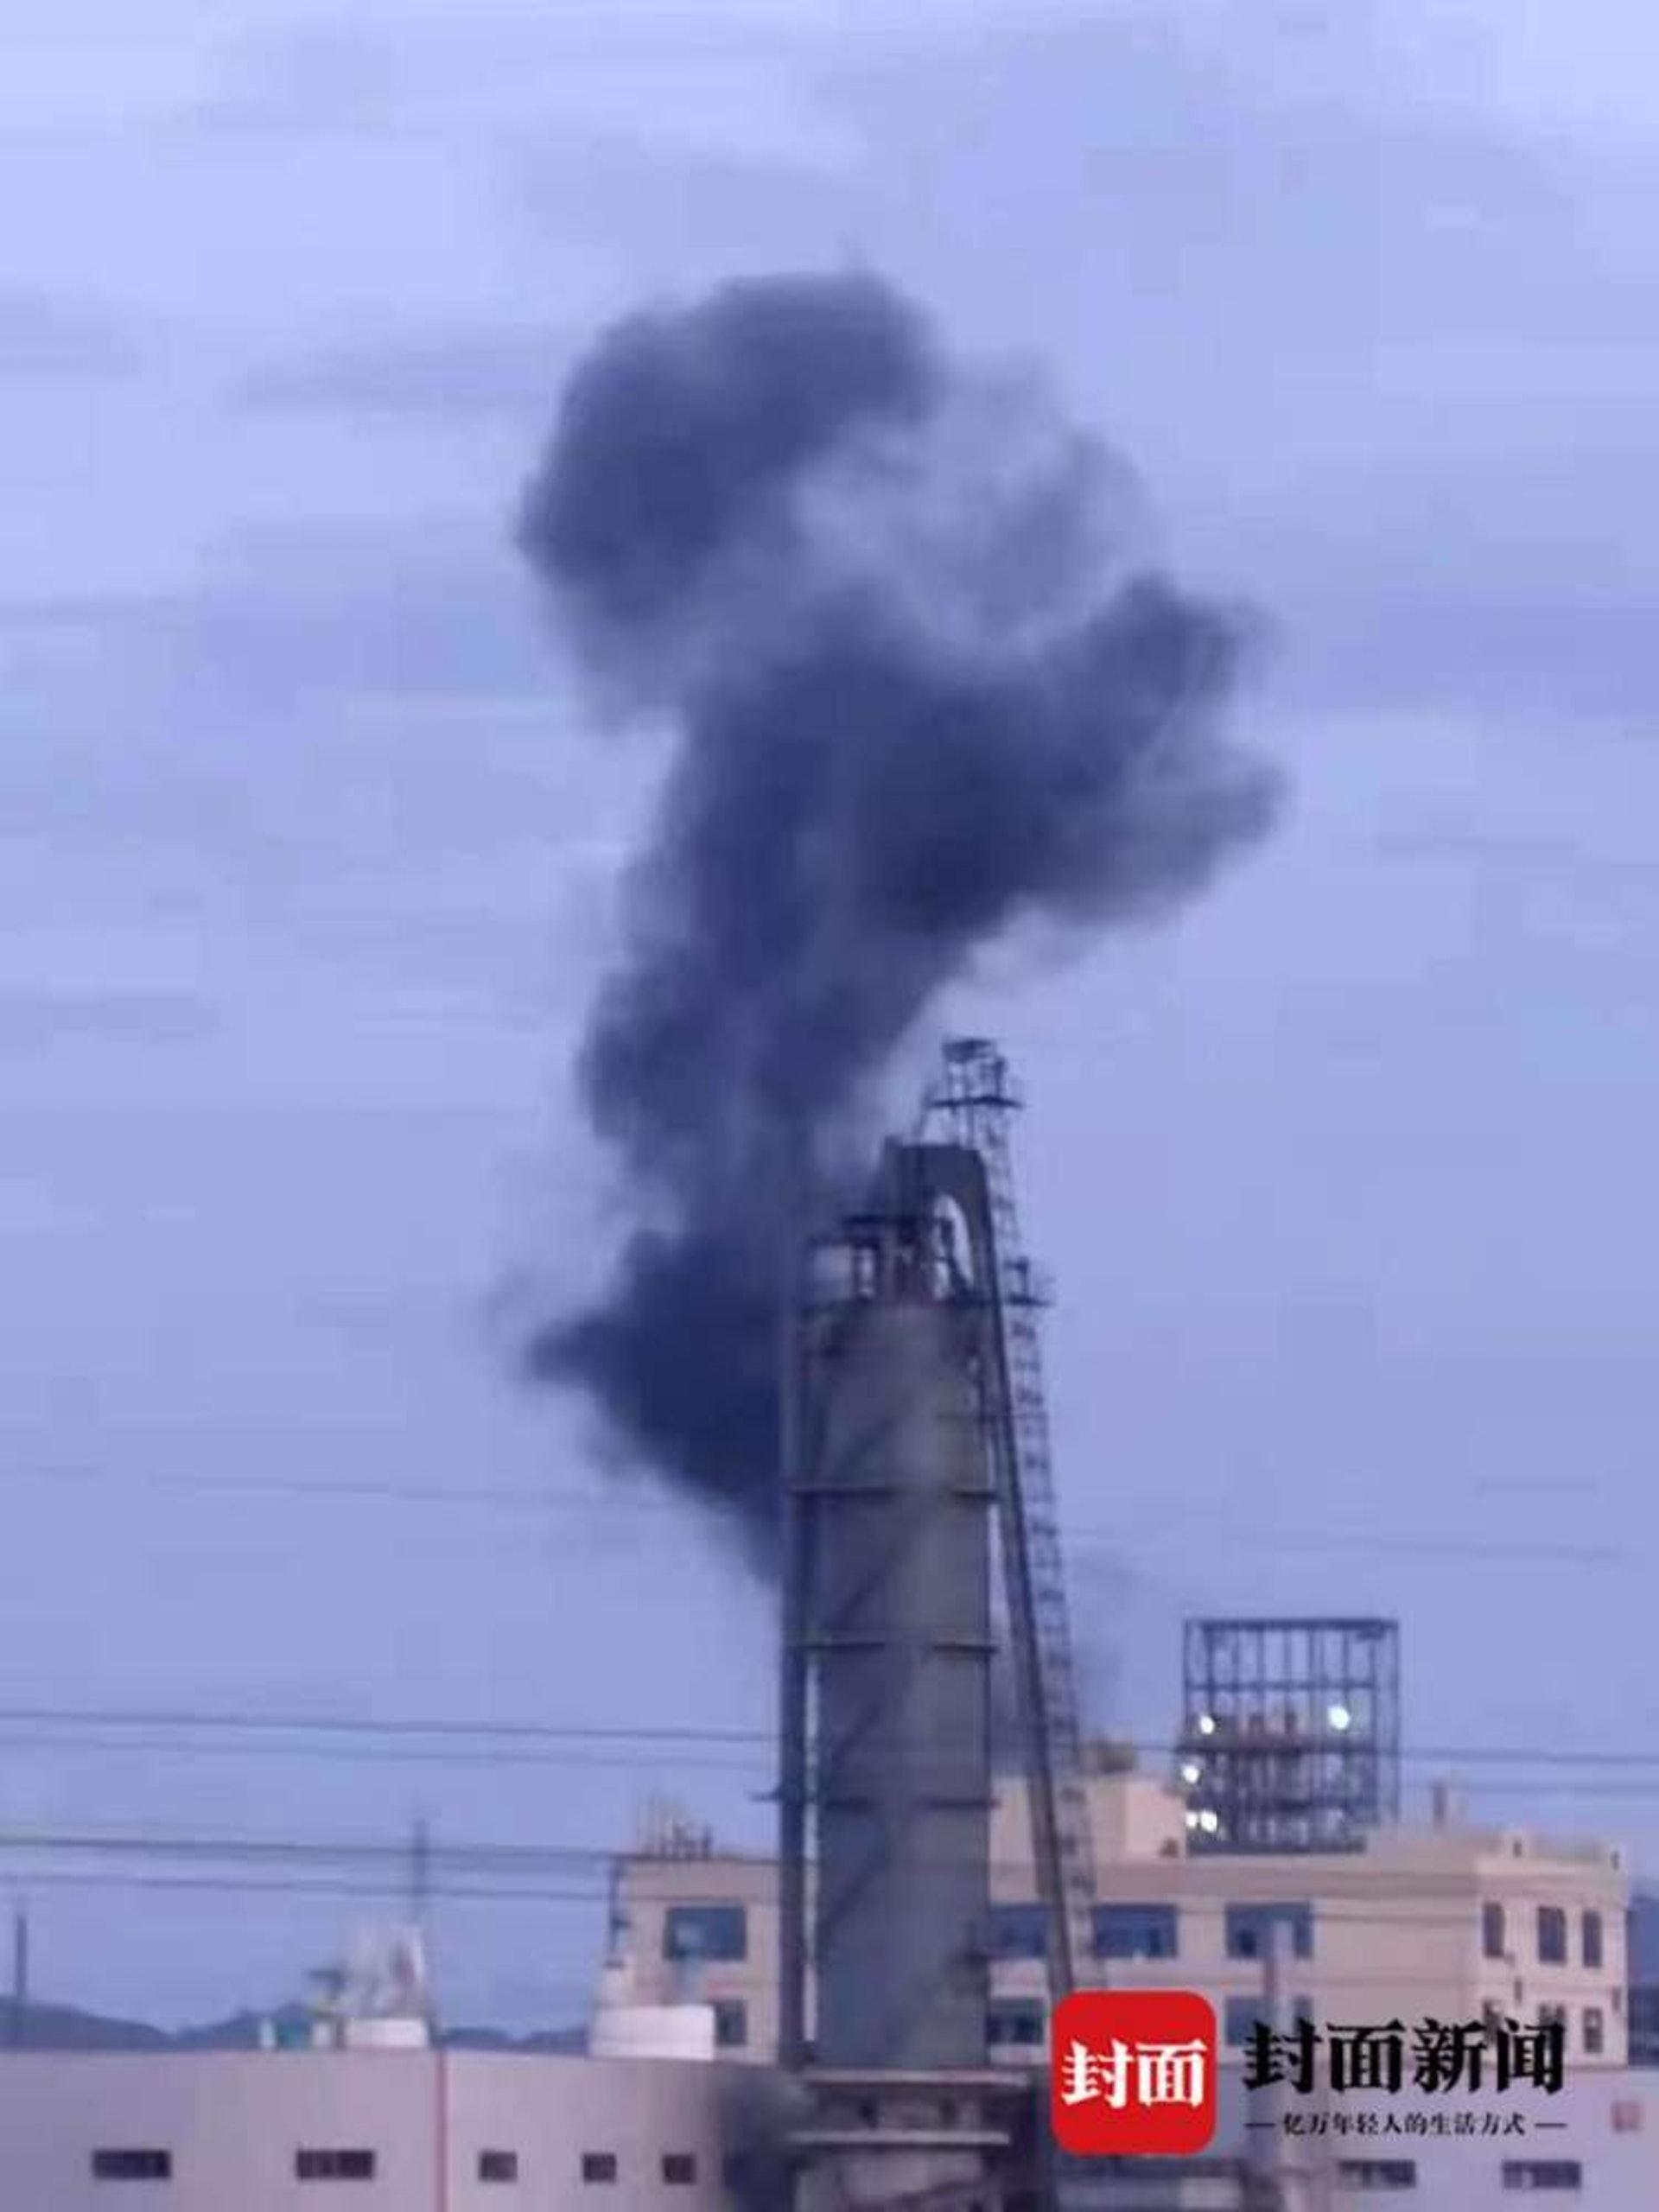 7月16日前後,九二工業基地內曾發生爆炸,有化工設施冒出黑煙。(封面新聞)